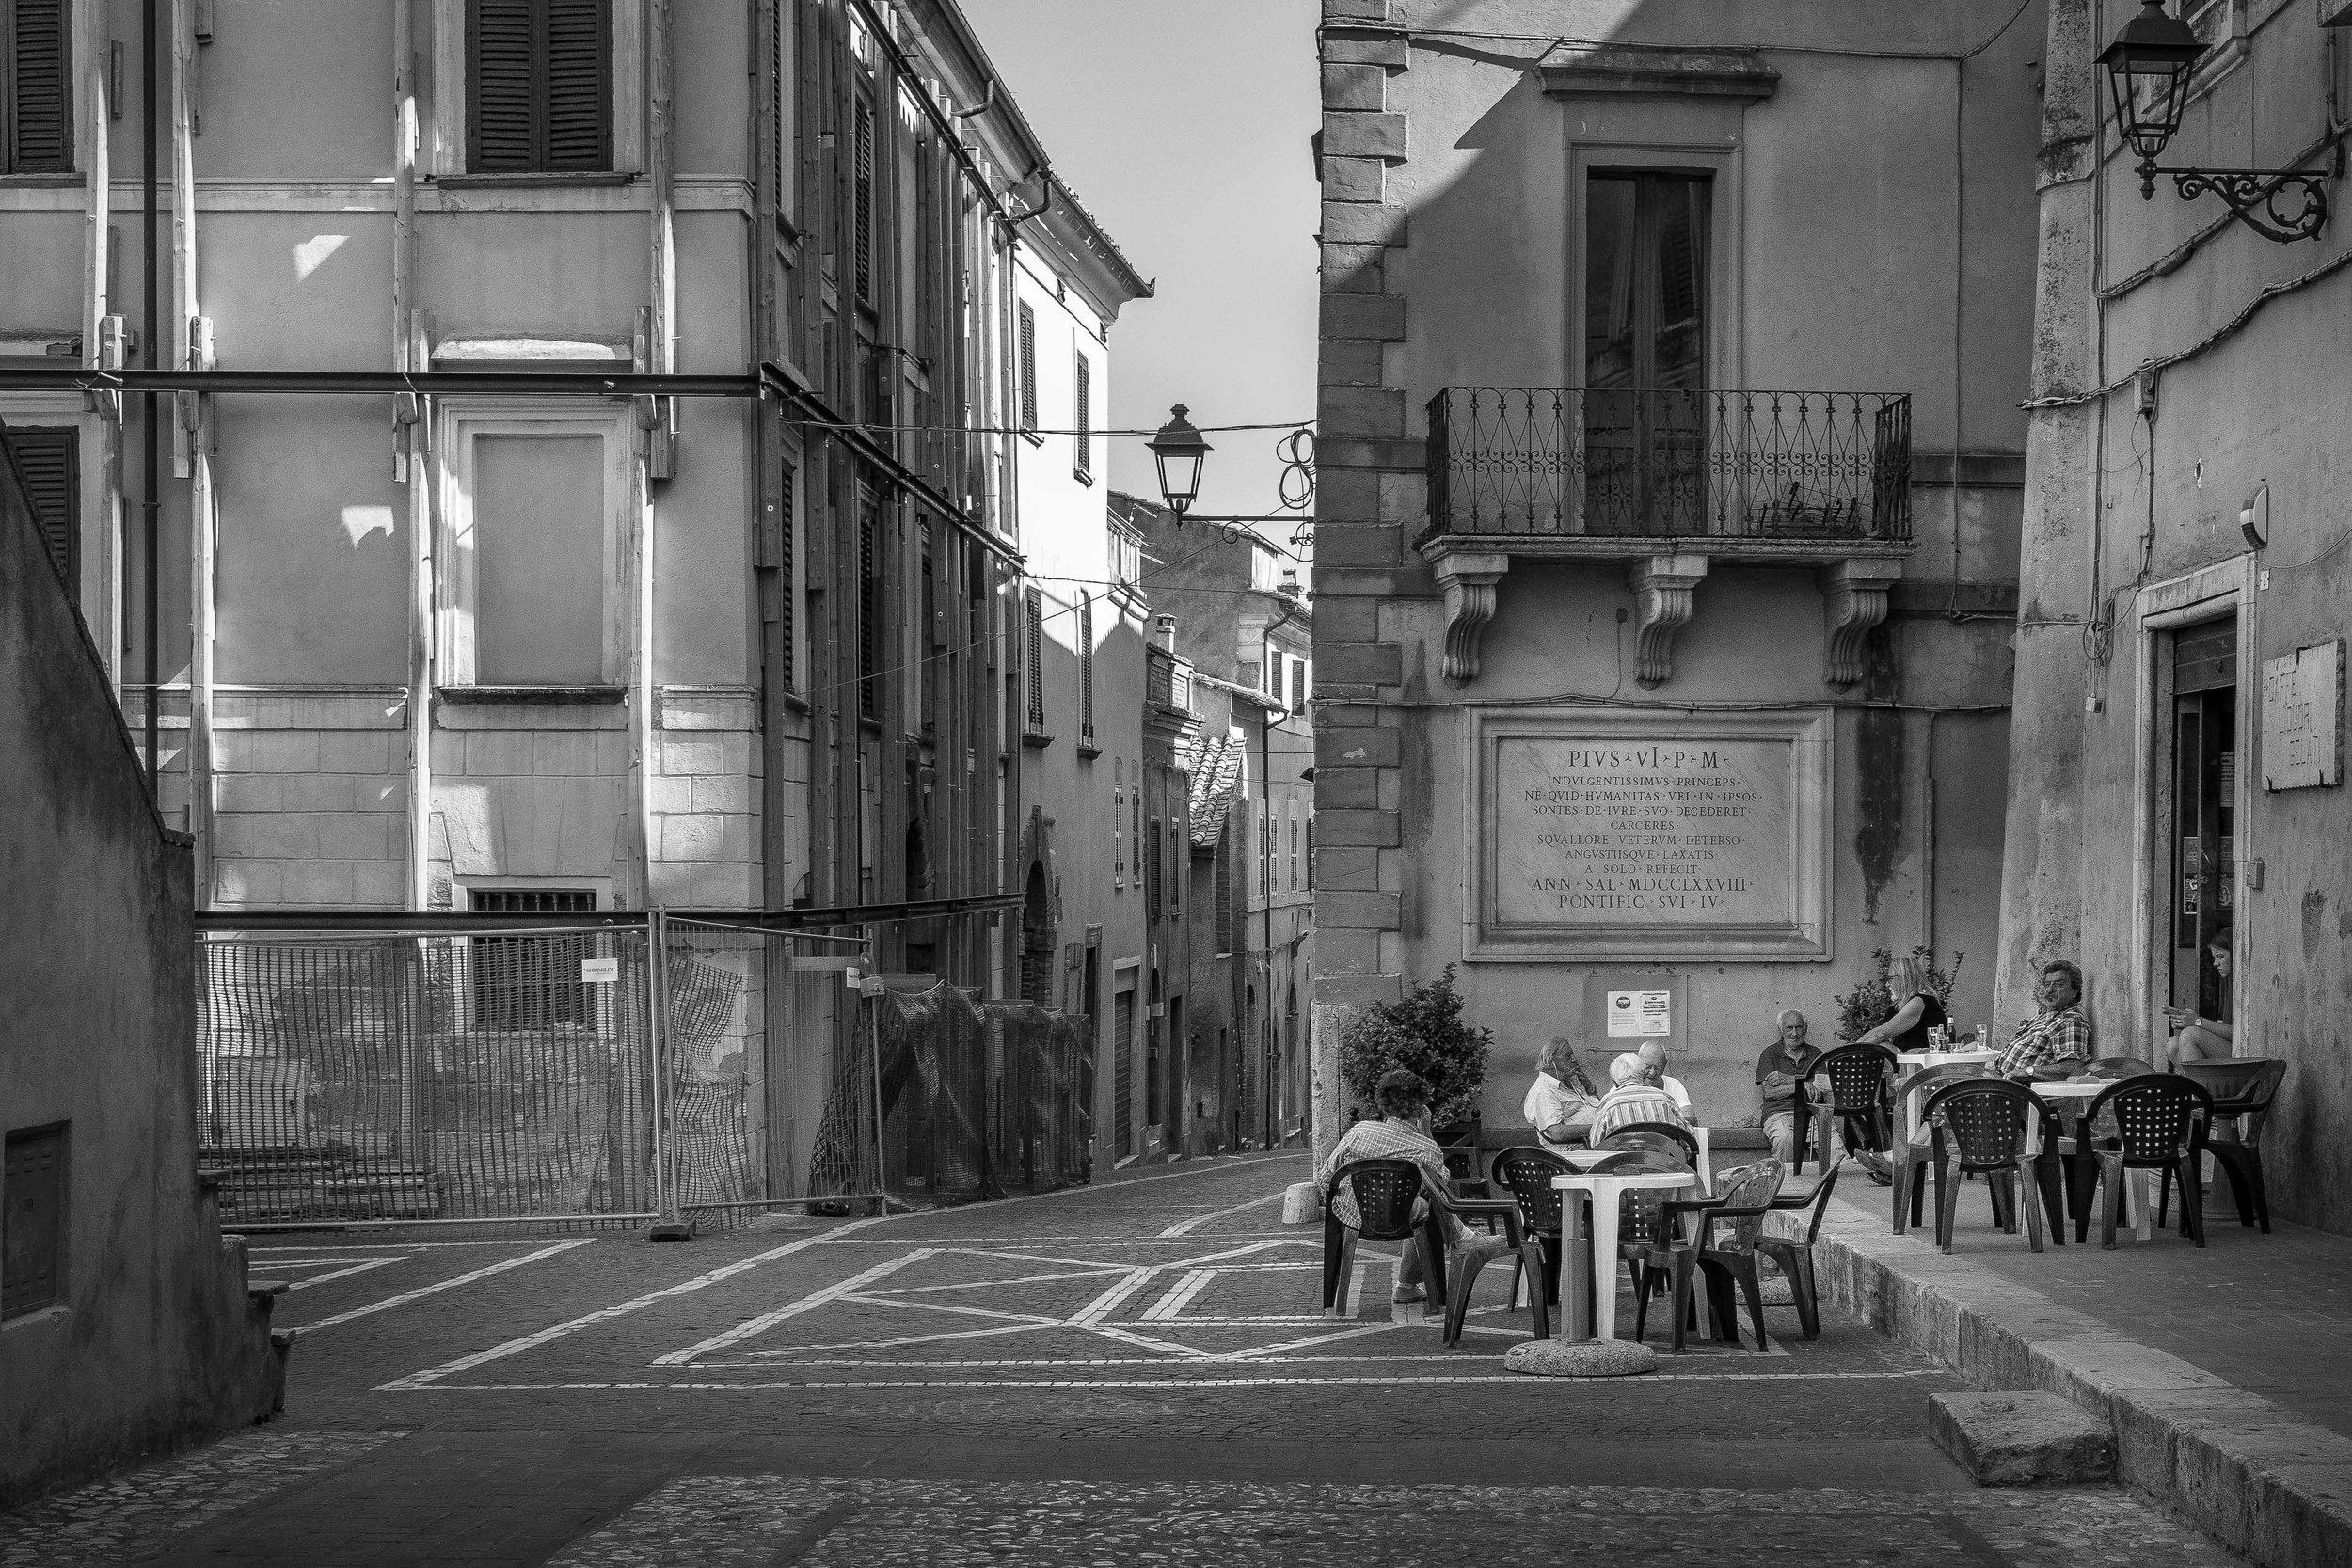 viewfinder-straatfotografie-oude-mannen-collevecchio